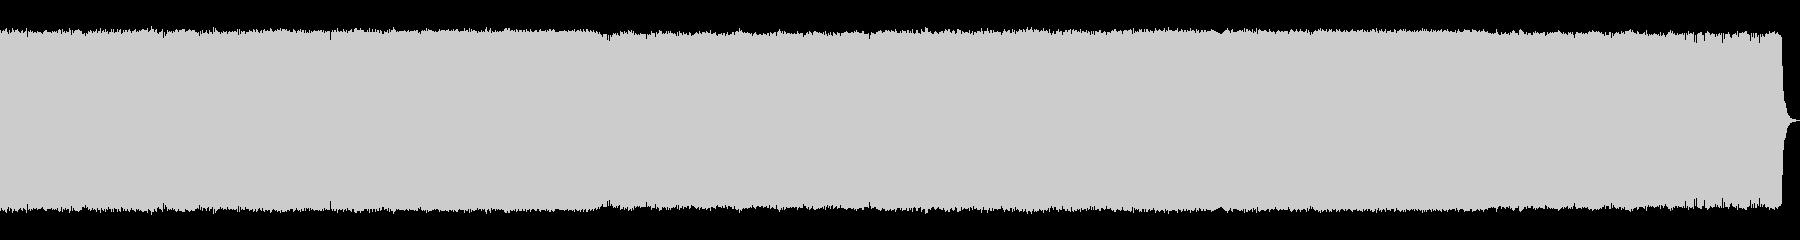 緊迫感のあるギターメタルボス系の曲【R…の未再生の波形